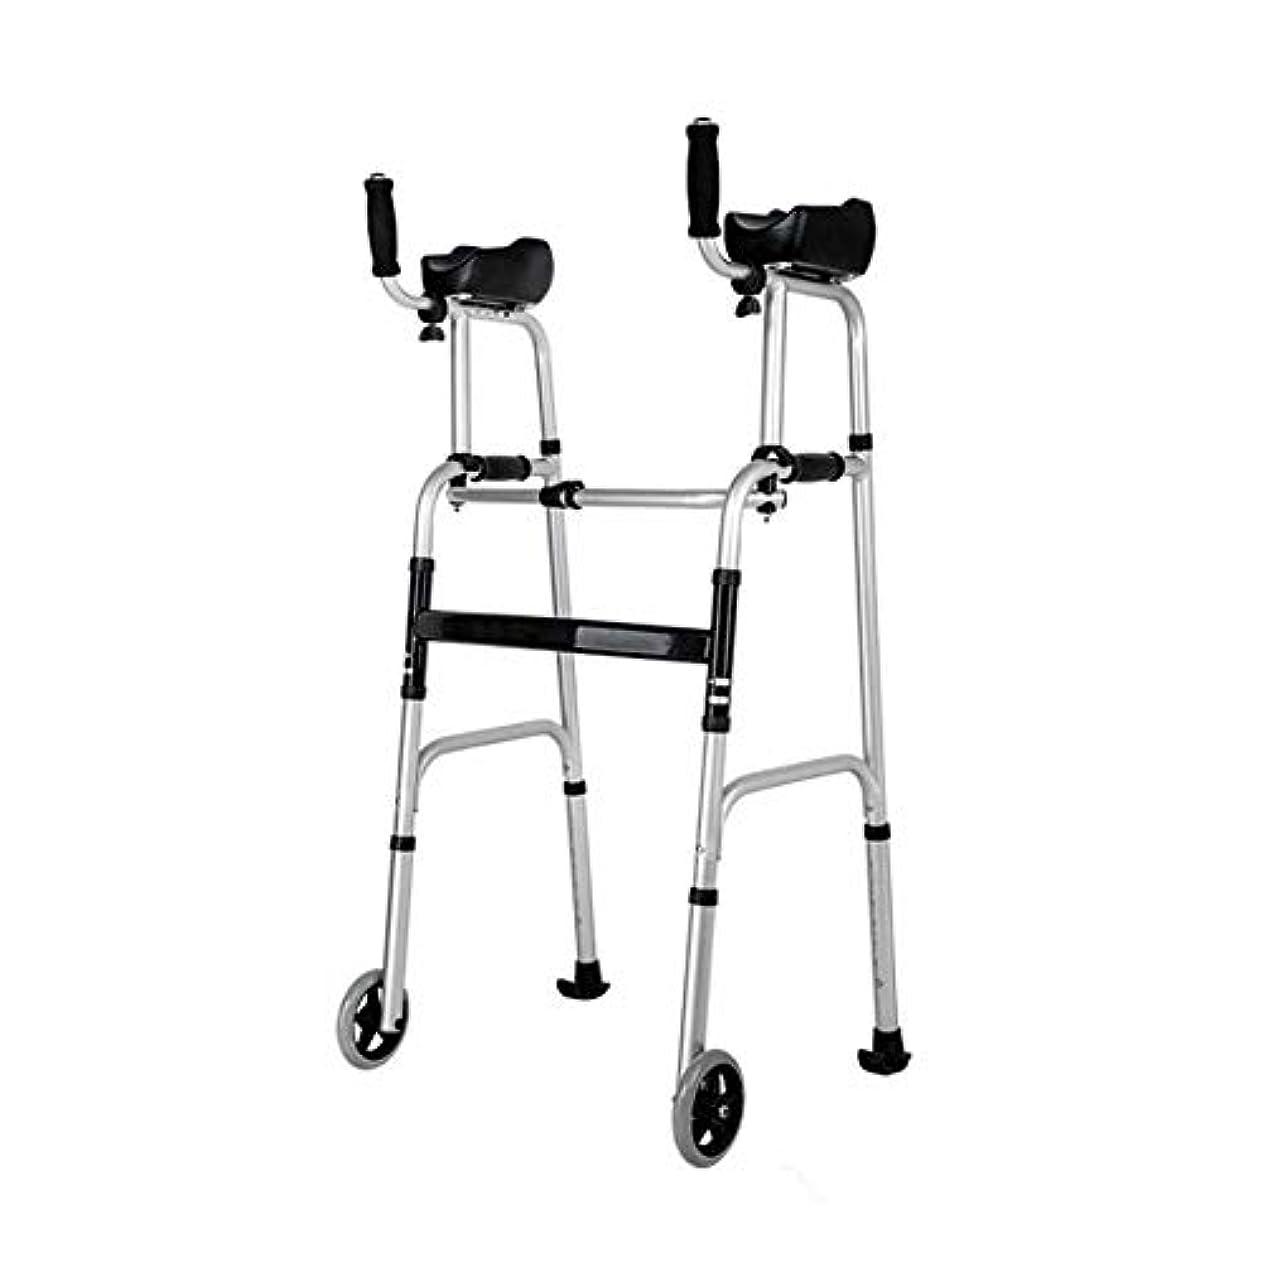 作動するヶ月目怪物車輪が付いている折る歩行者、不具の高齢者のための2輪歩行者の高さの調節可能なスリップ防止椅子の腰掛け (Color : 黒)